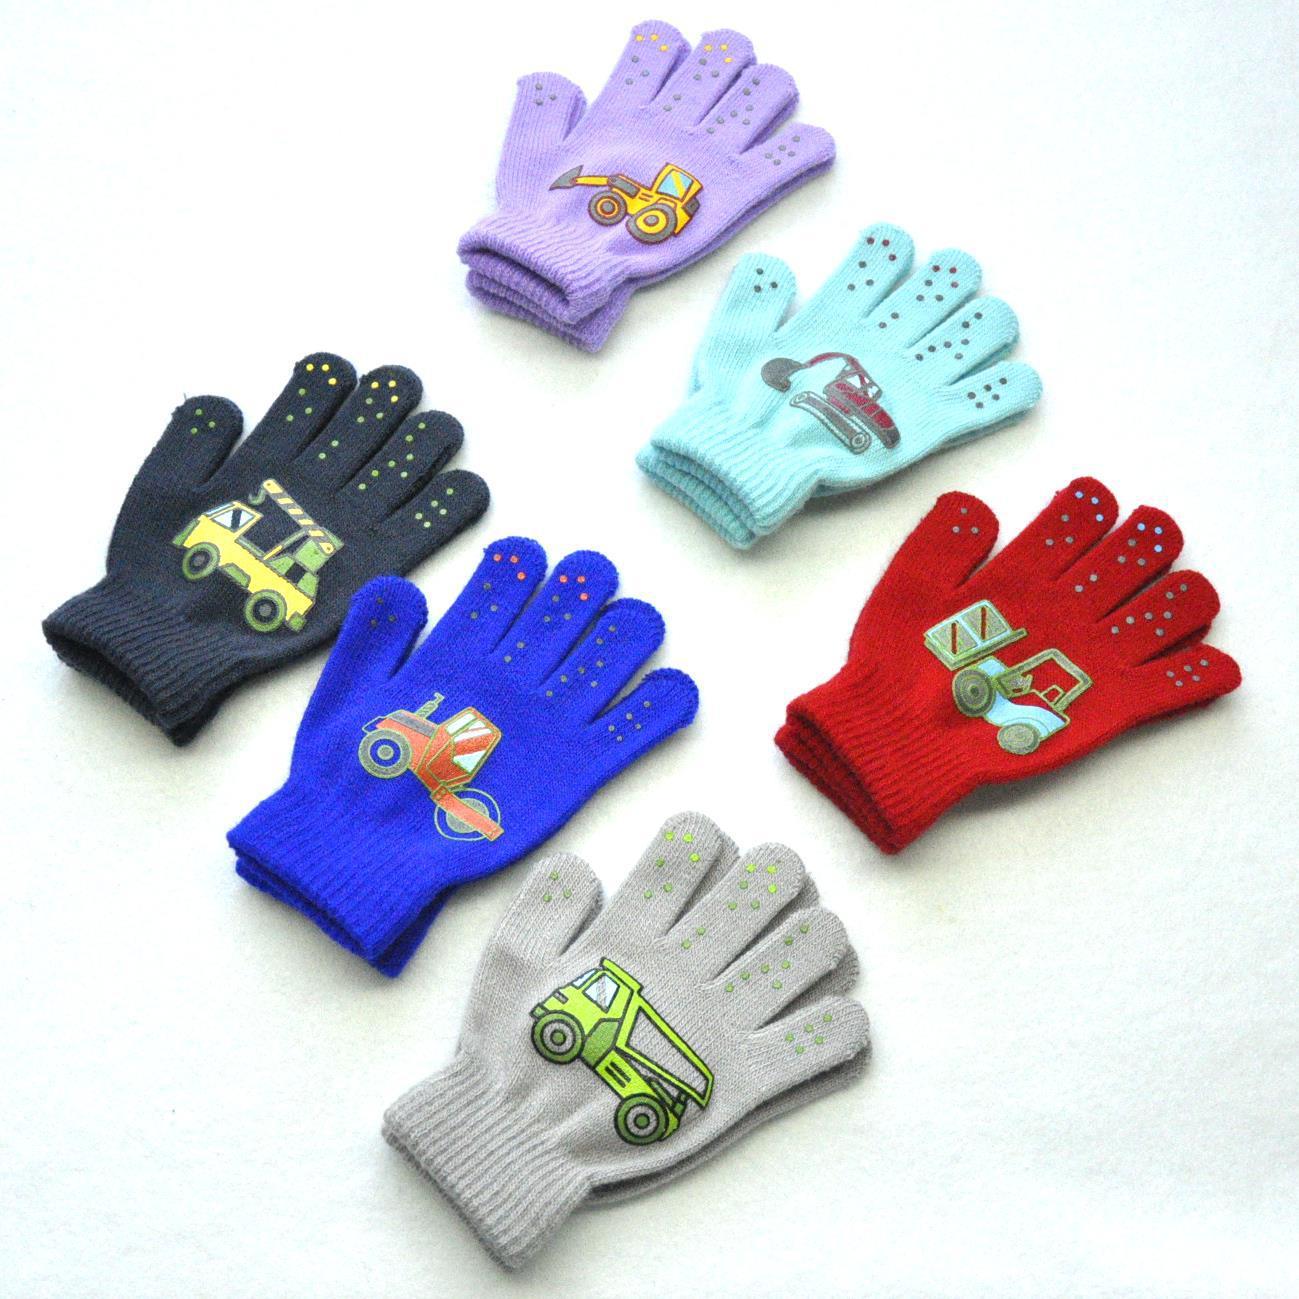 1Pair PVC Anti-slip Knit Gloves Children Outdoor Camouflage Robot Excavator Dinosaur Print Winter Warm Mittens Sport Gloves Kid